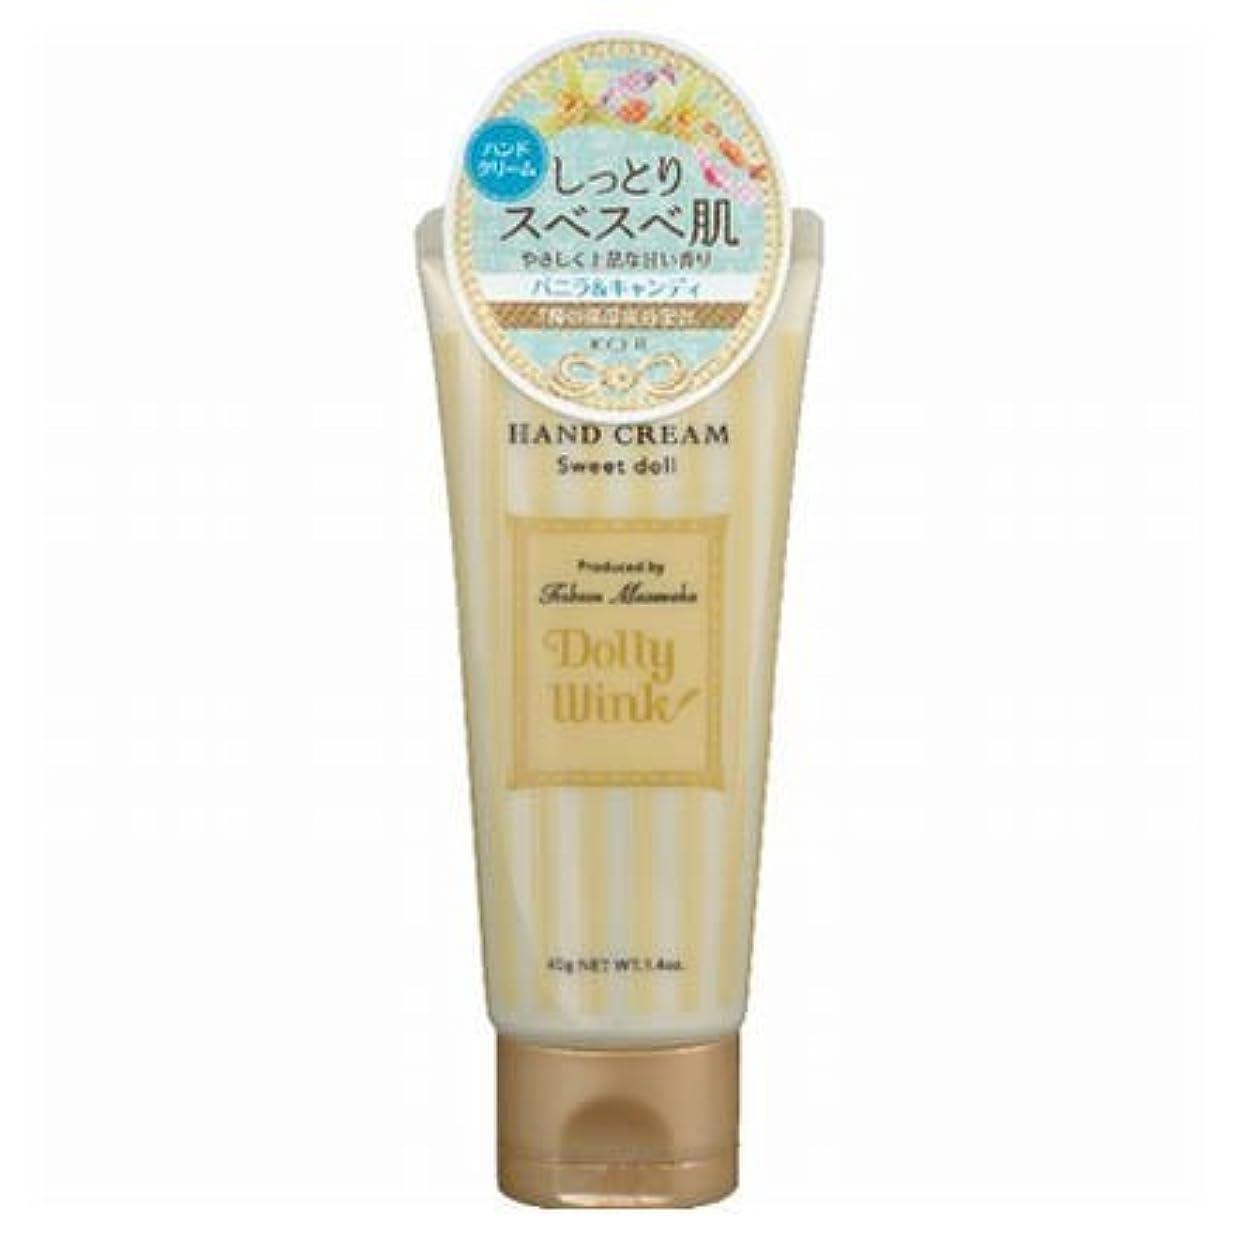 メダリストモットー恐ろしいですドーリーウインク ハンドクリーム スイートドール バニラ&キャンディの香り 40g